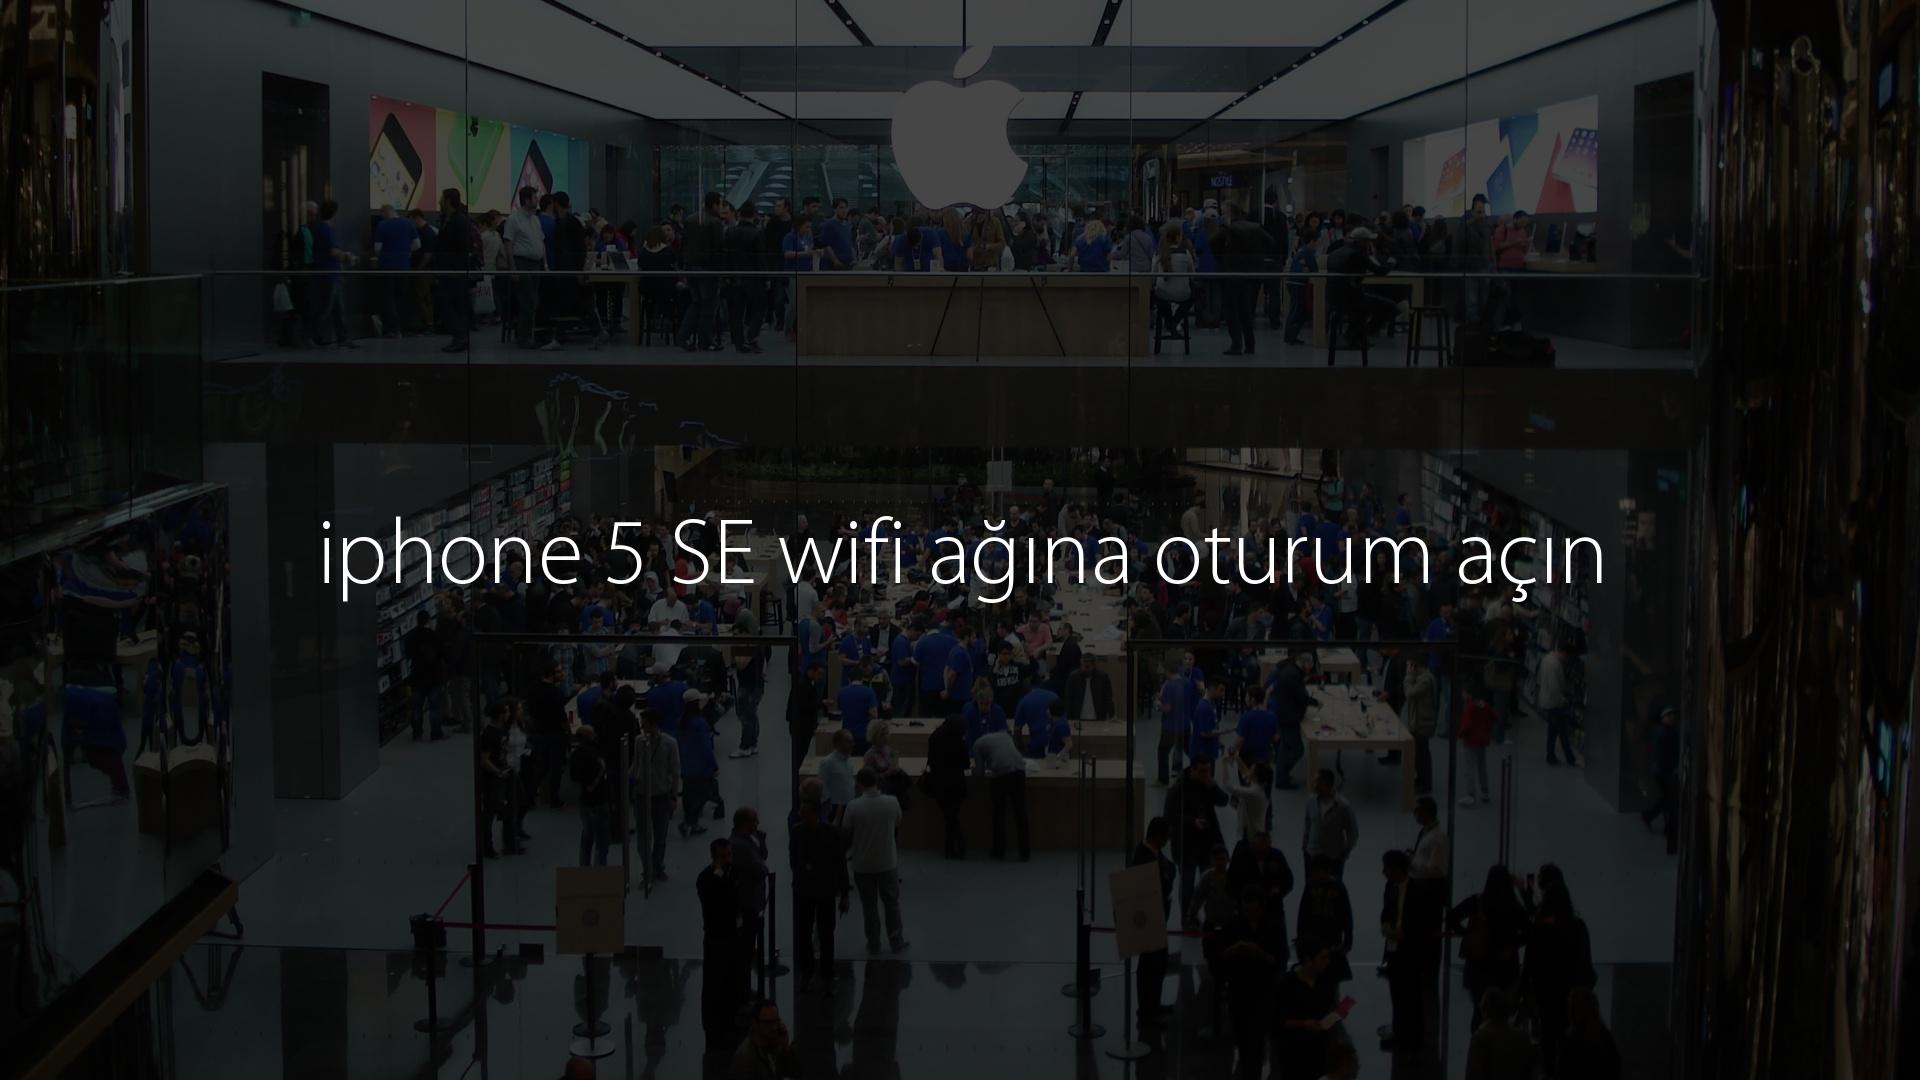 iphone 5 SE wifi ağına oturum açın